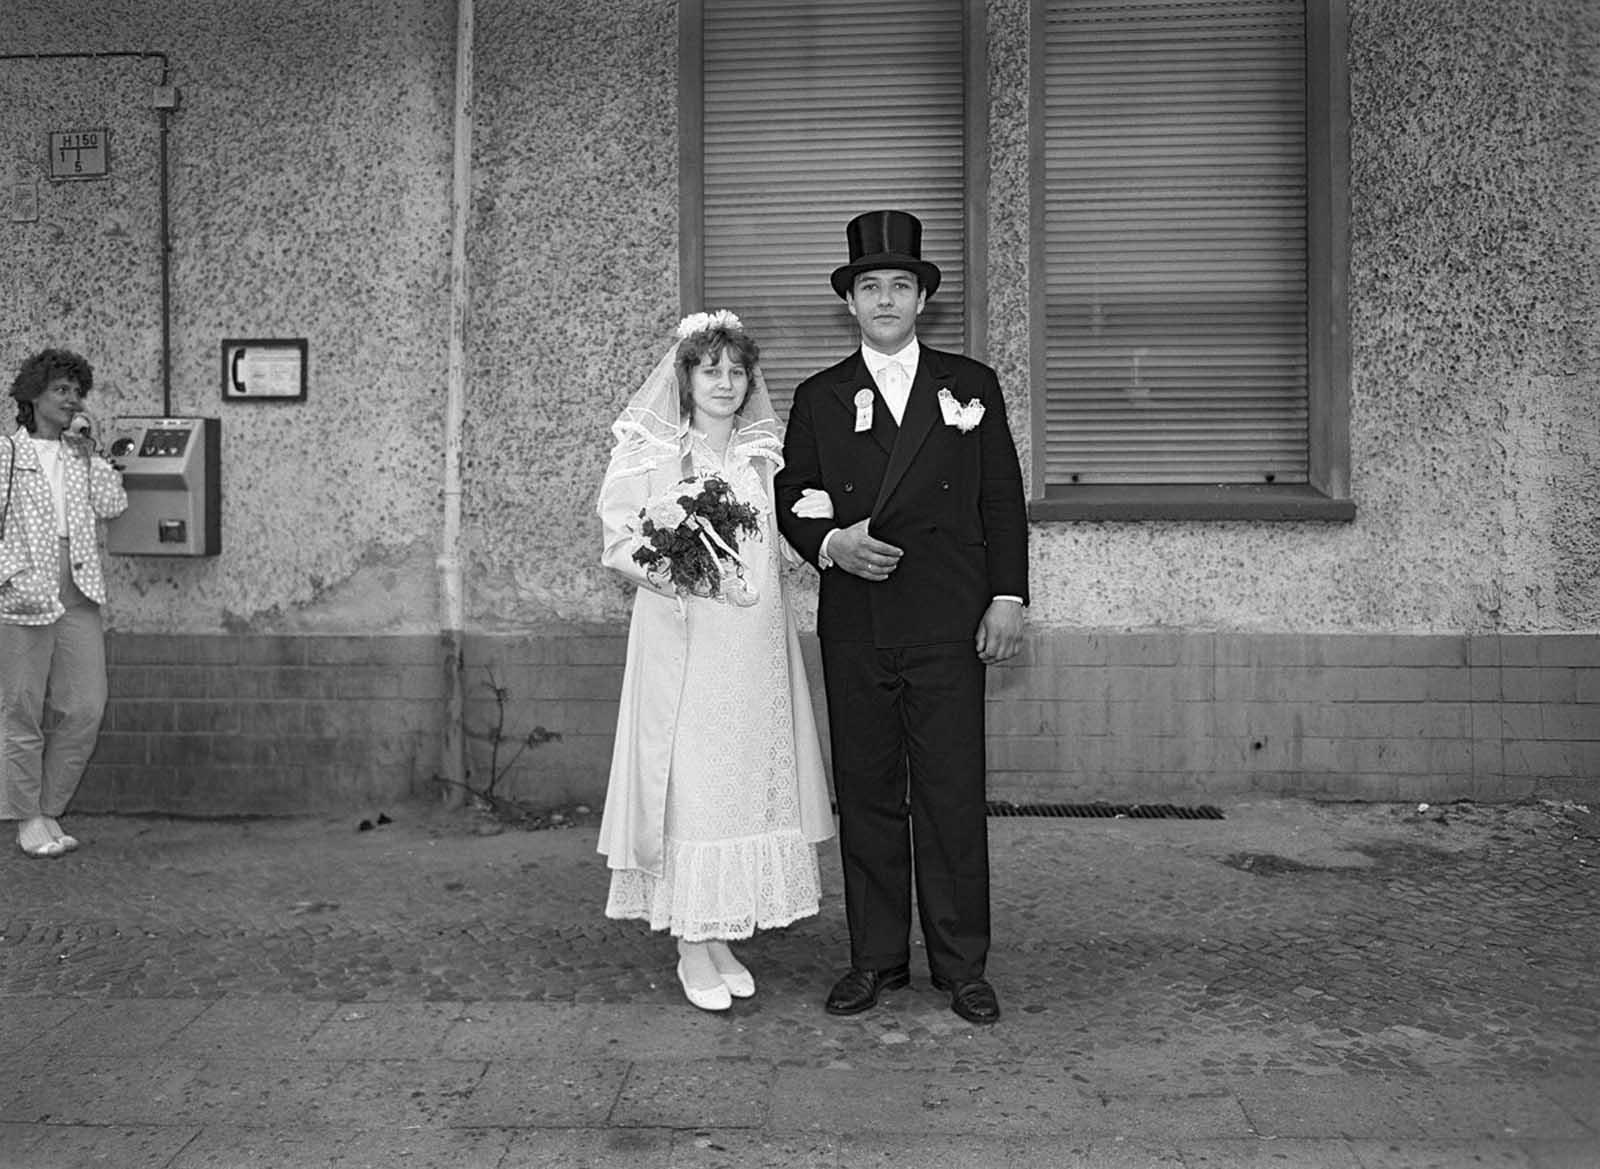 Ces images de la capture de la dynamique des résidents d'un seul à Berlin-Est, de la rue, 1986-1987